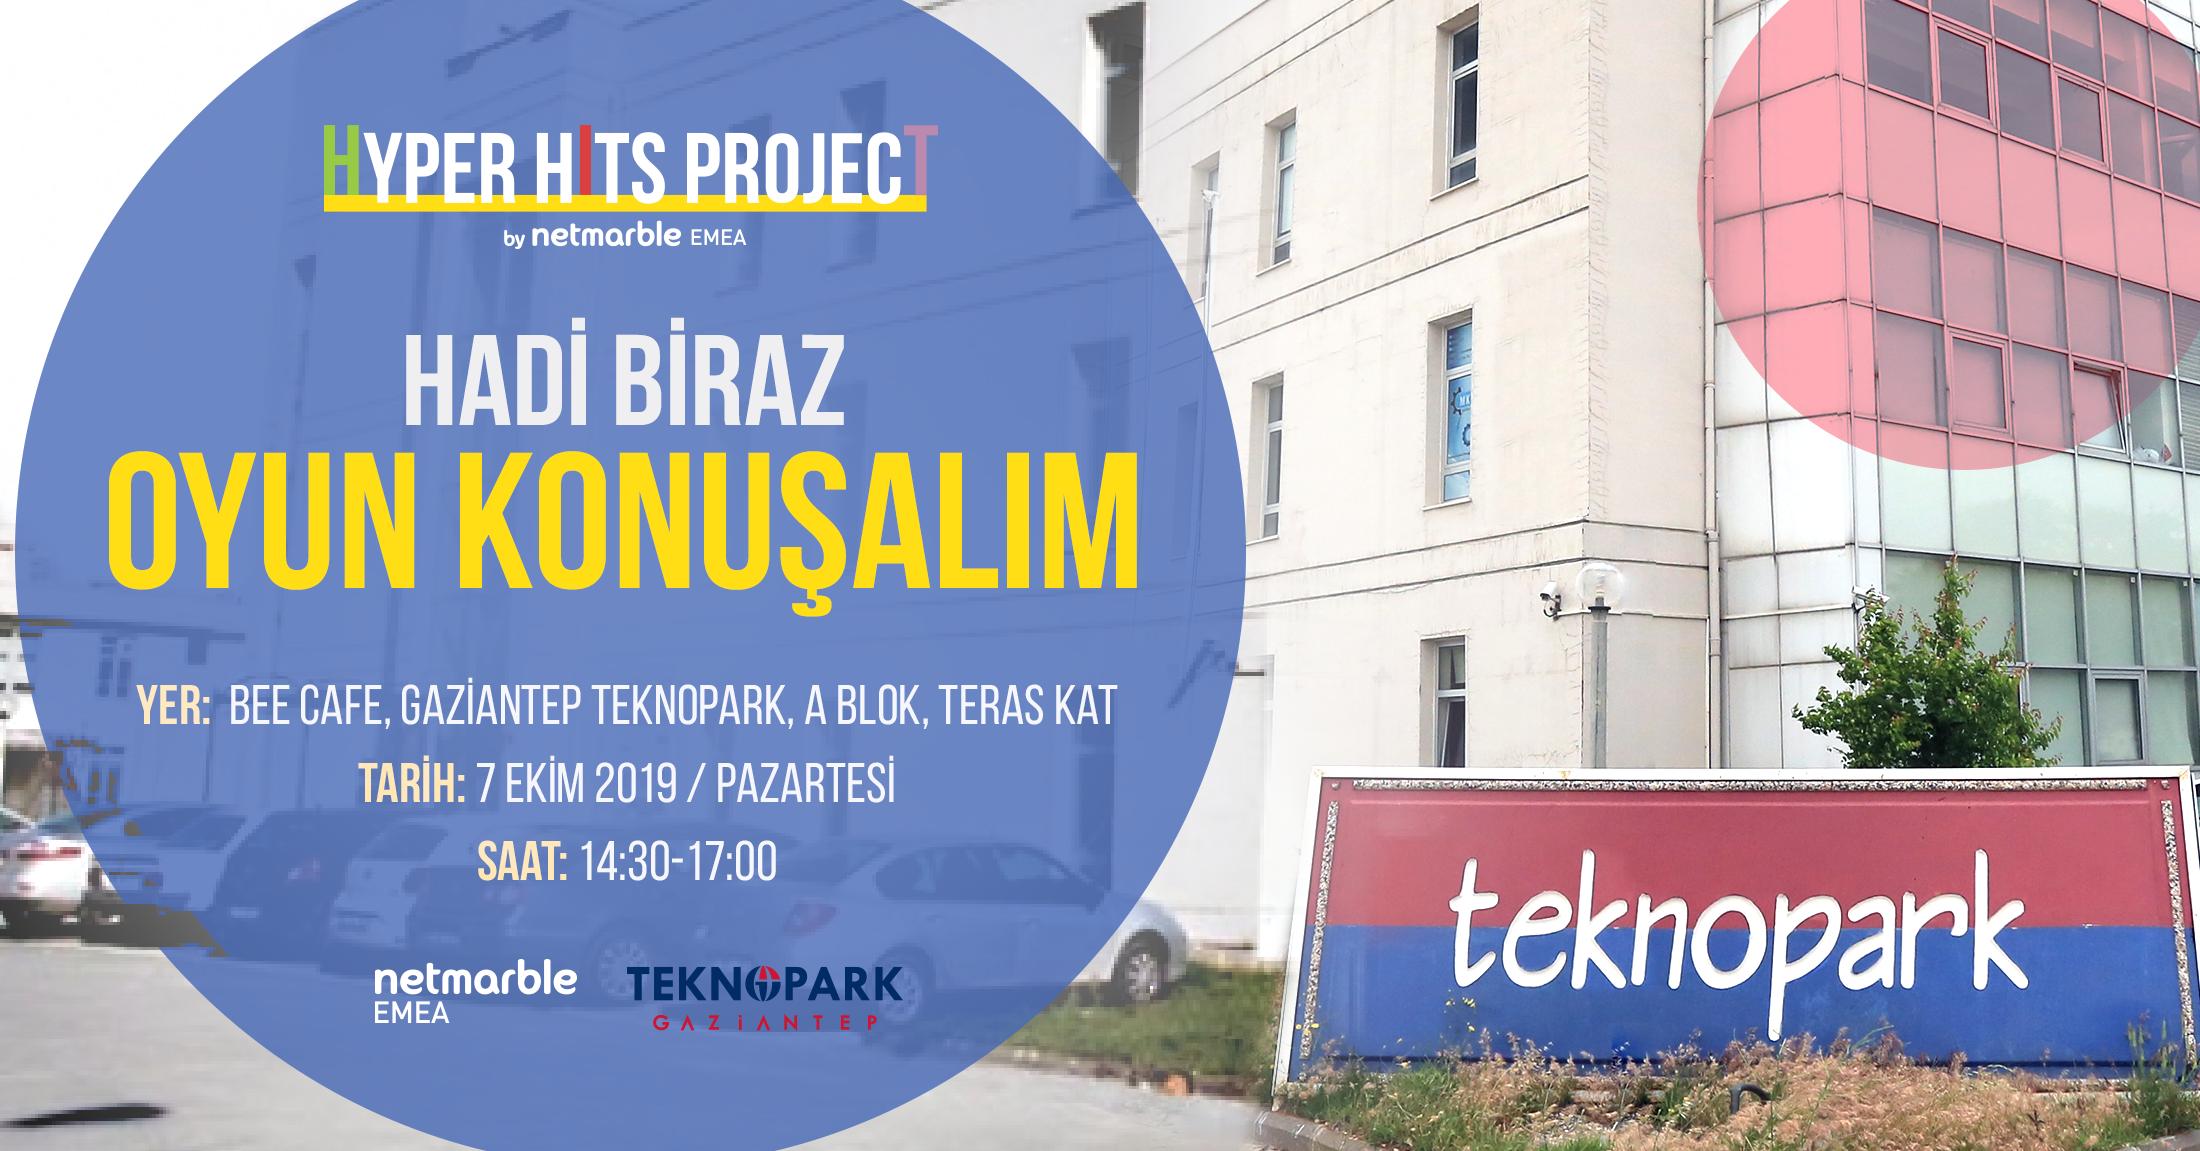 Netmarble Hyper Hits Project toplantısı Gaziantep Teknopark'ta!